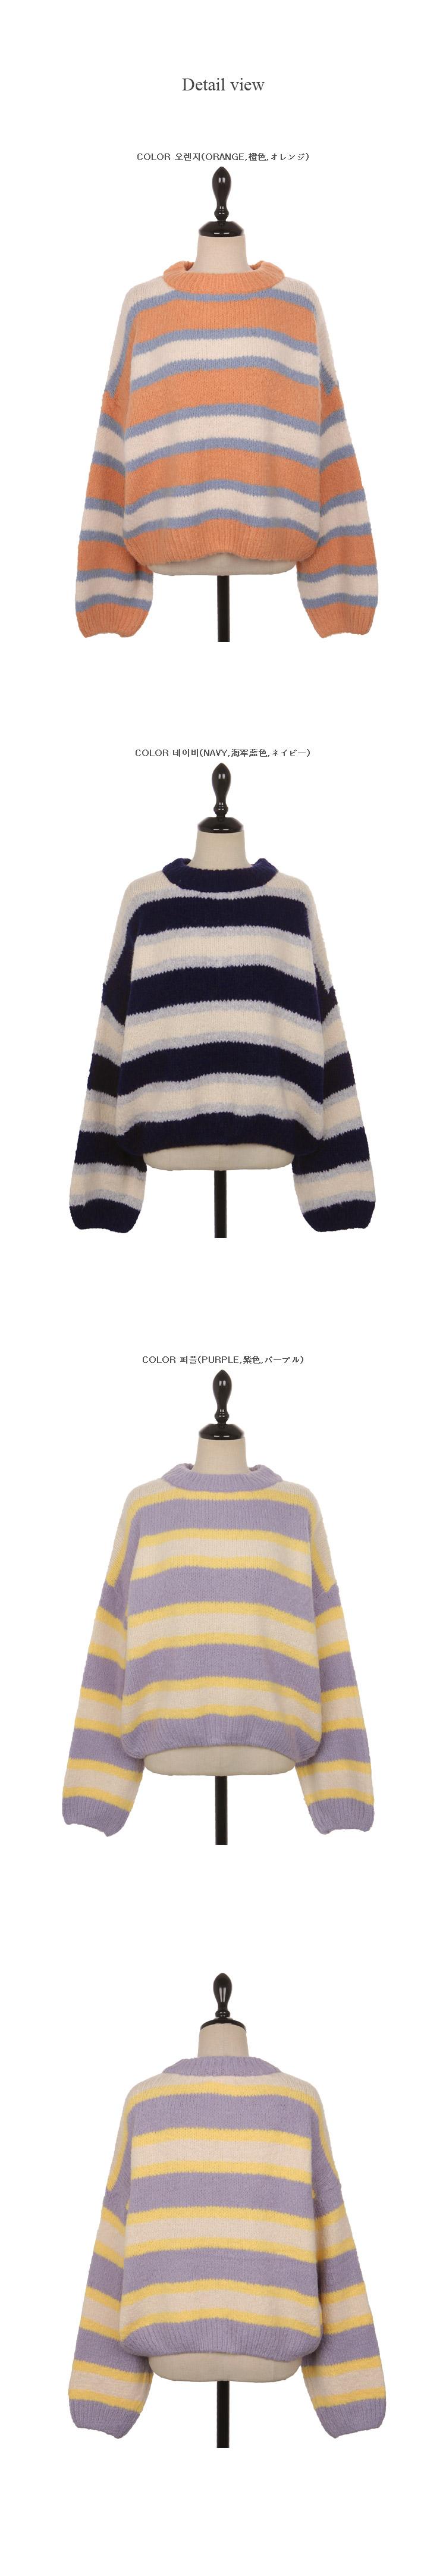 Pound wavy knit